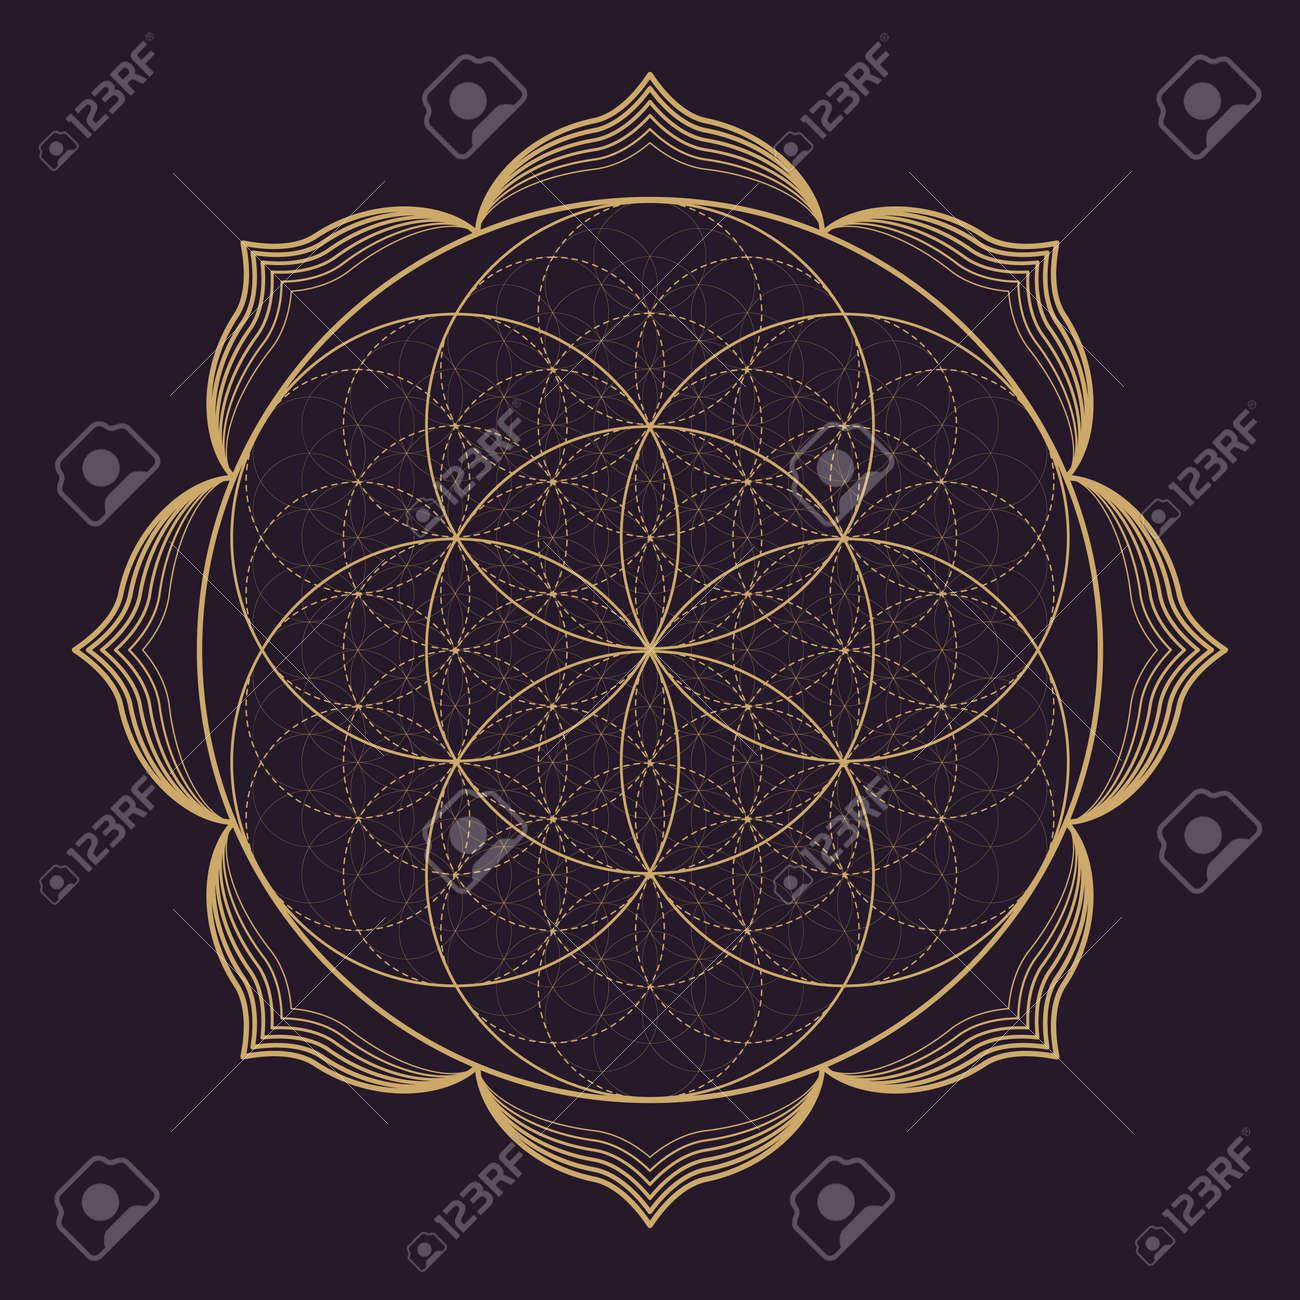 Dessin Monochrome Vecteur Dor Mandala Abstrait Géométrie Sacrée